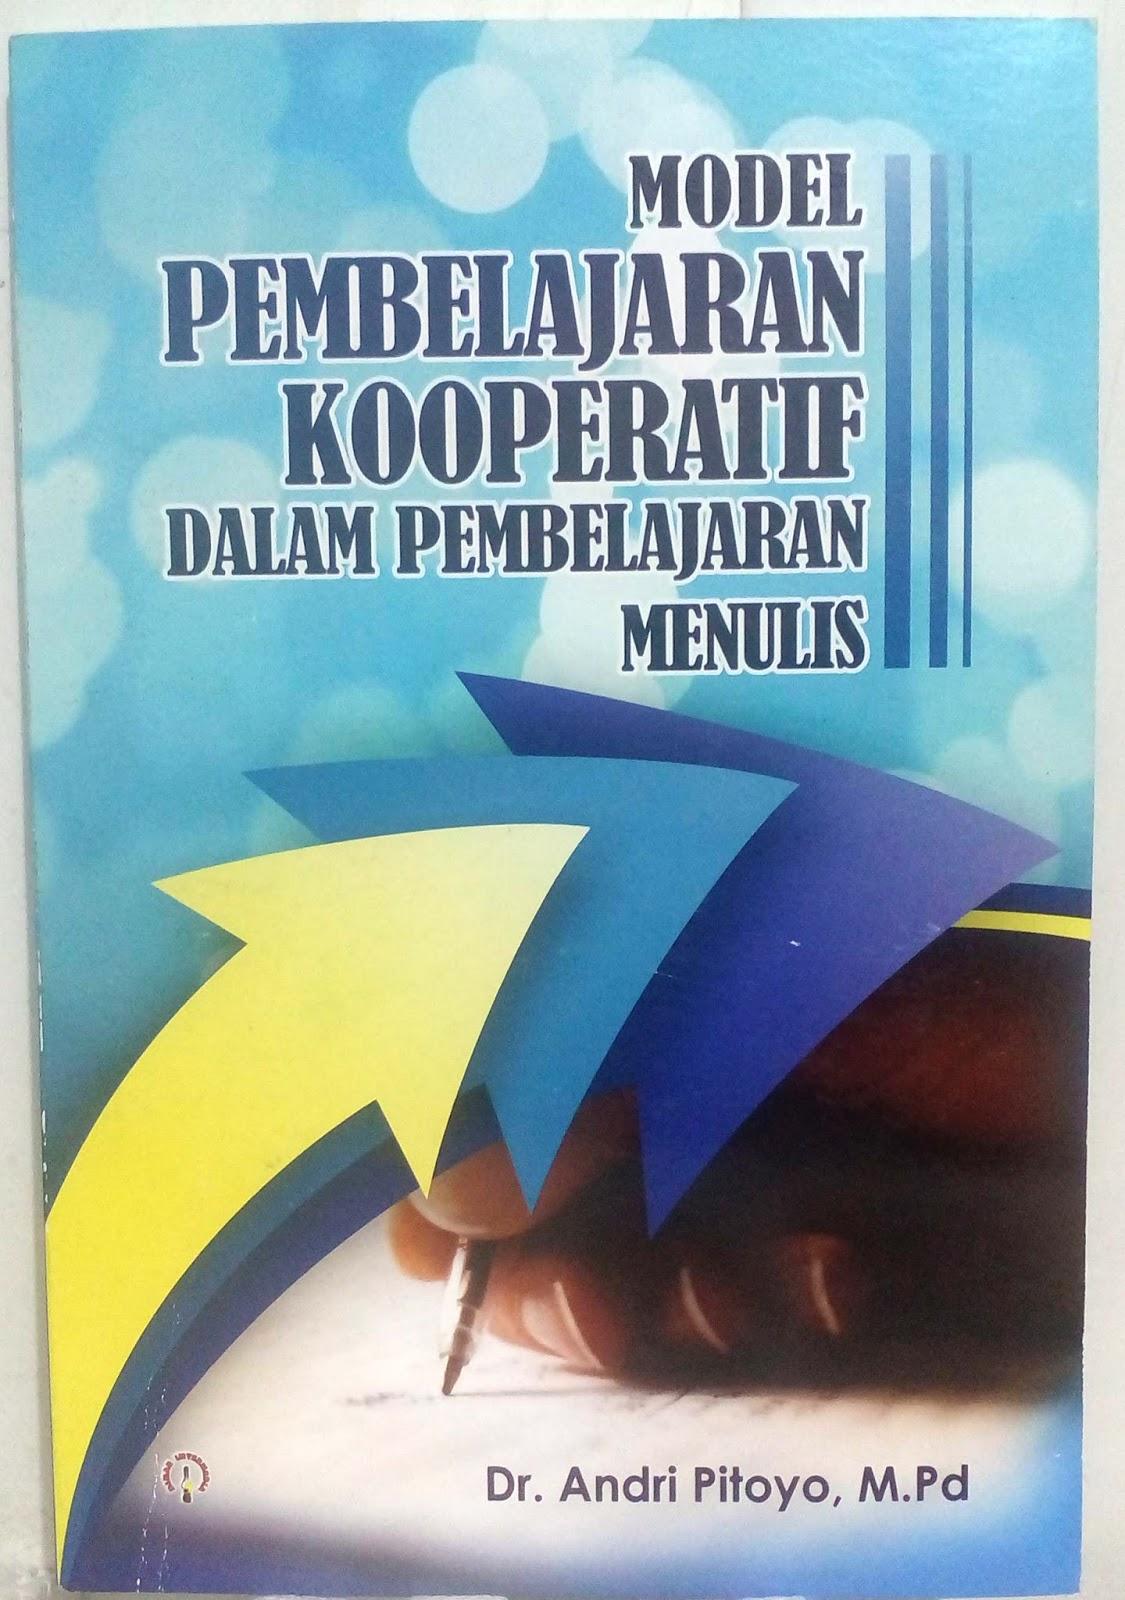 Download Buku Model Pembelajaran Kooperatif Pdf - Dunia ...